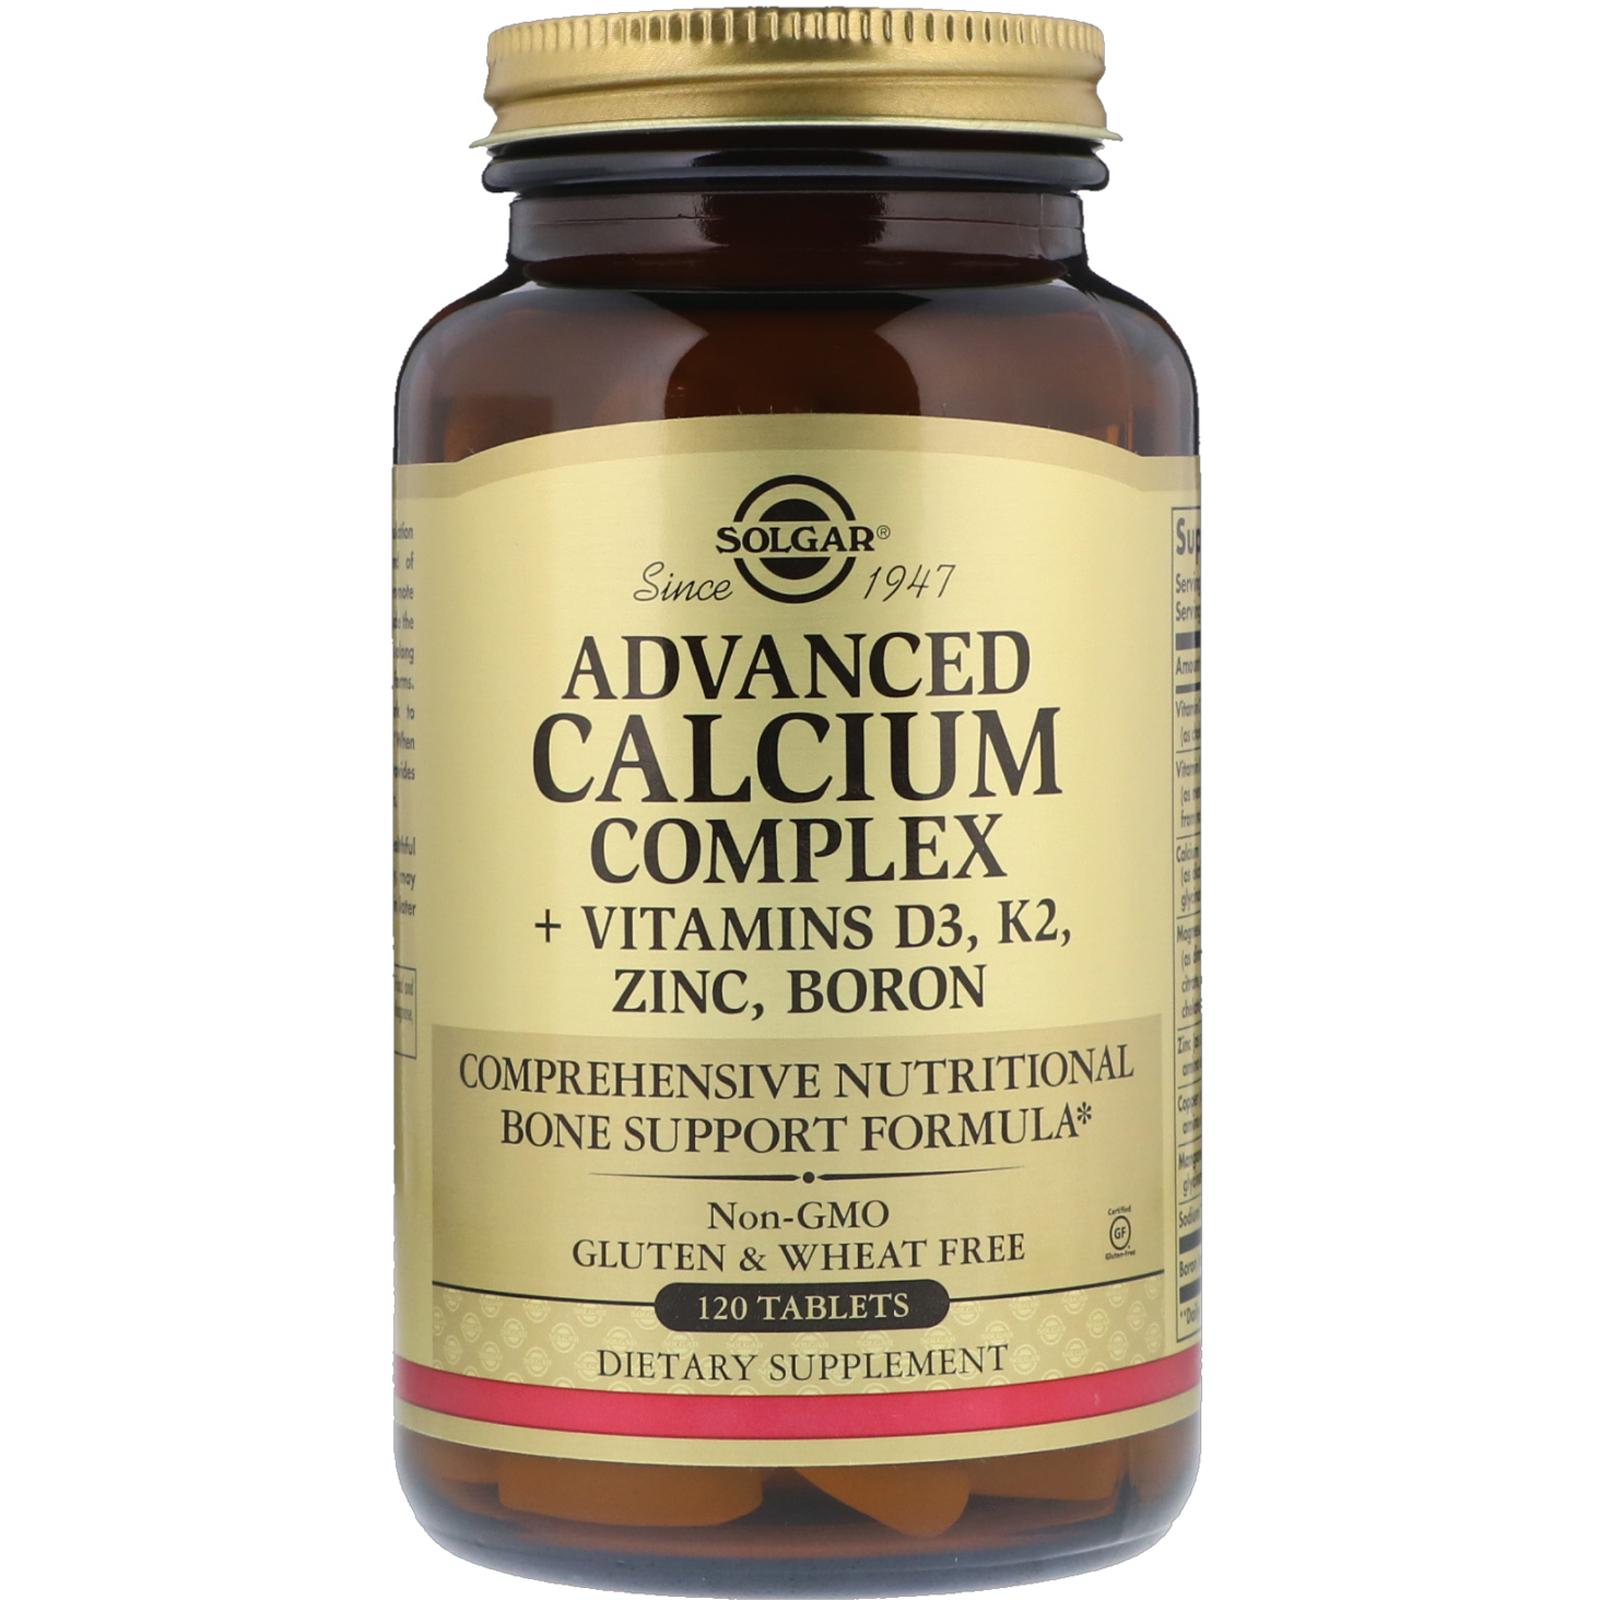 Solgar Advanced Calcium Complex Vitamins D3 K2 Zinc Boron 120